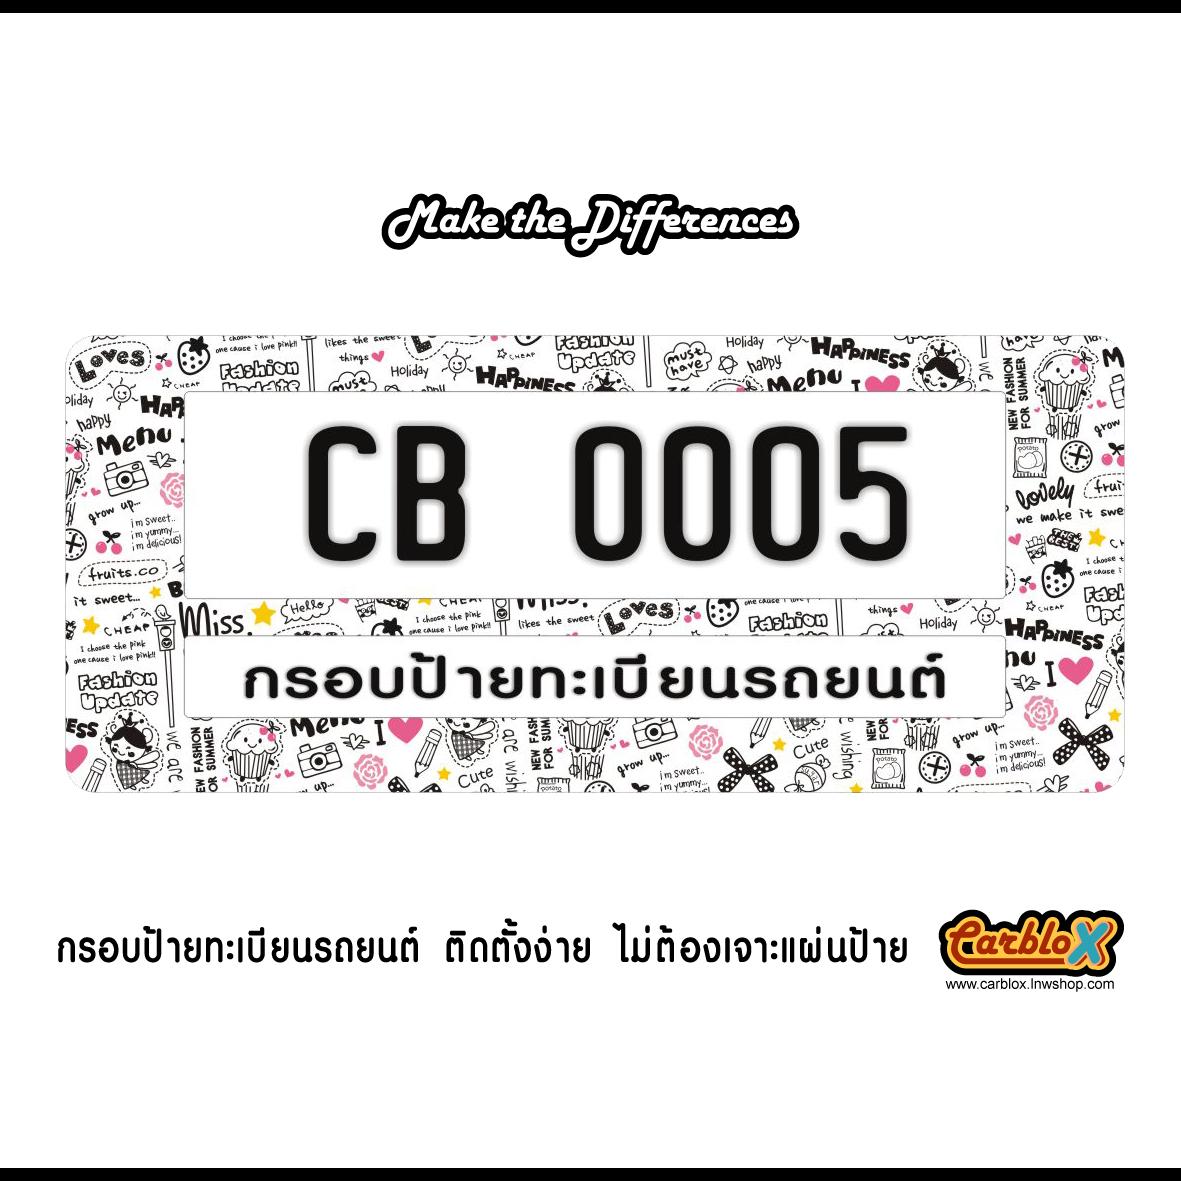 กรอบป้ายทะเบียนรถยนต์ CARBLOX ระหัส CB 0005 ลาย CUTE.